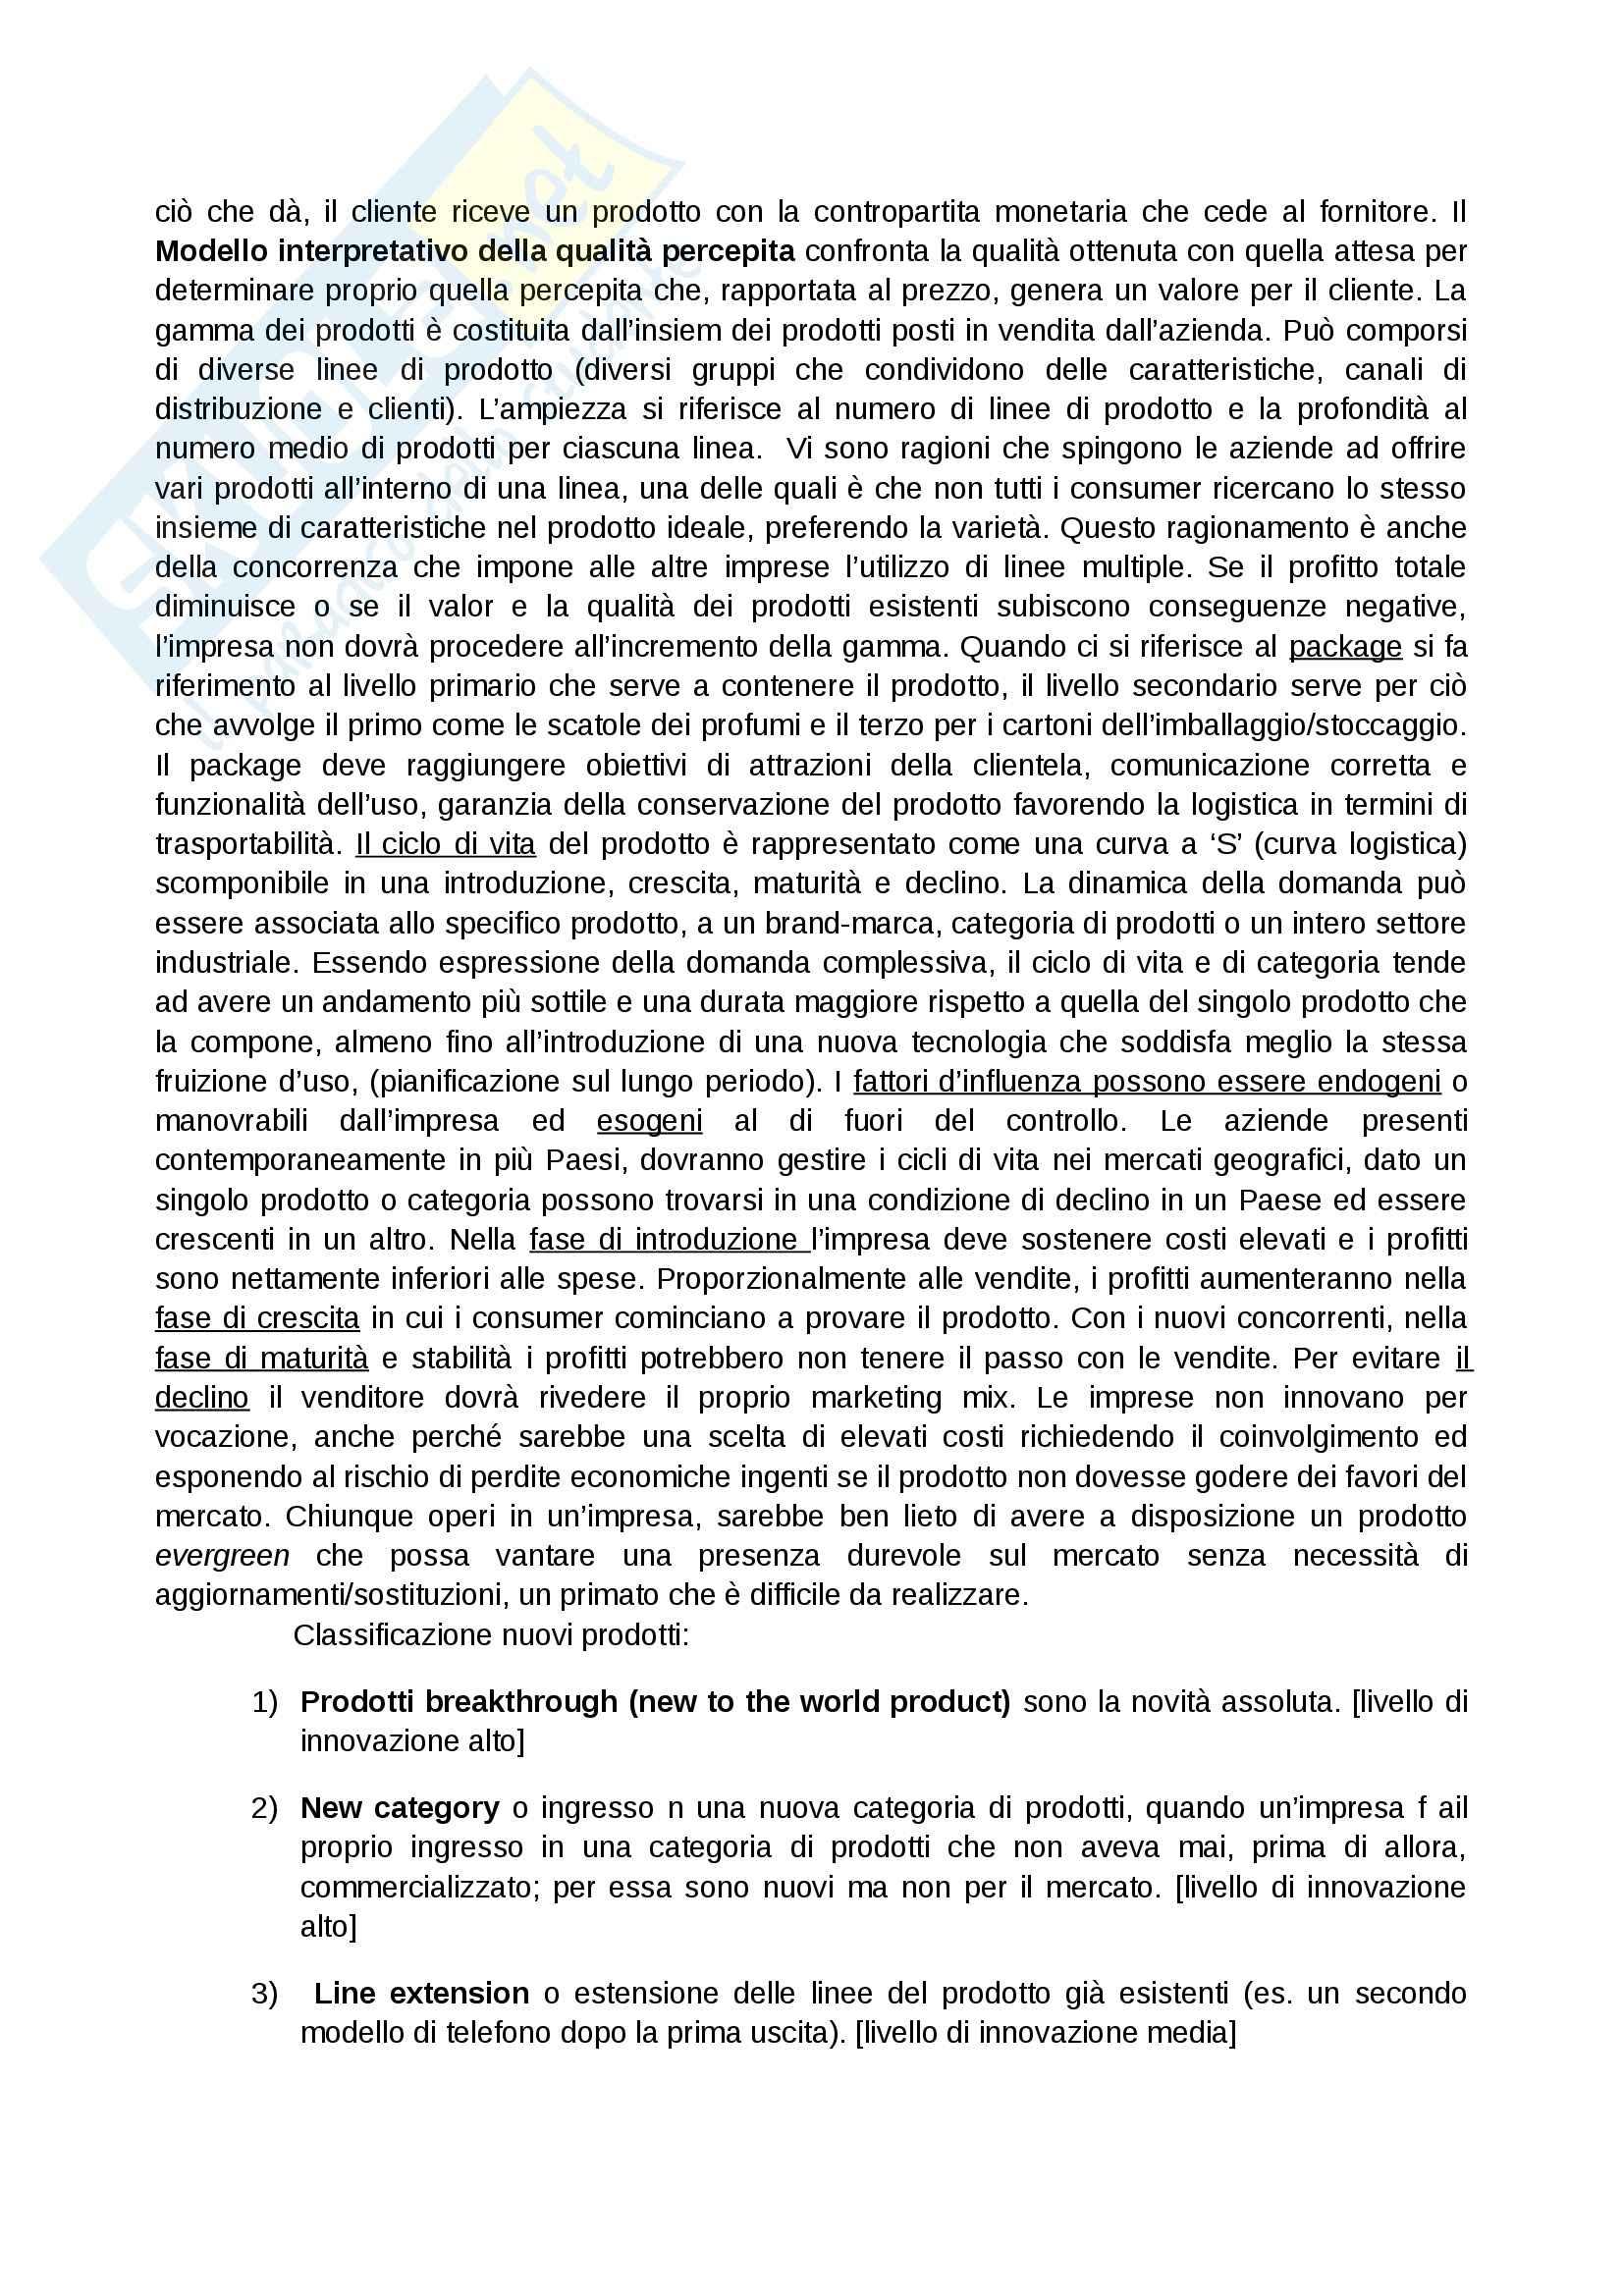 Riassunto esame Marketing, prof. Addamiano, libro consigliato Marketing di Peter, Donnelly, Pratesi Pag. 21